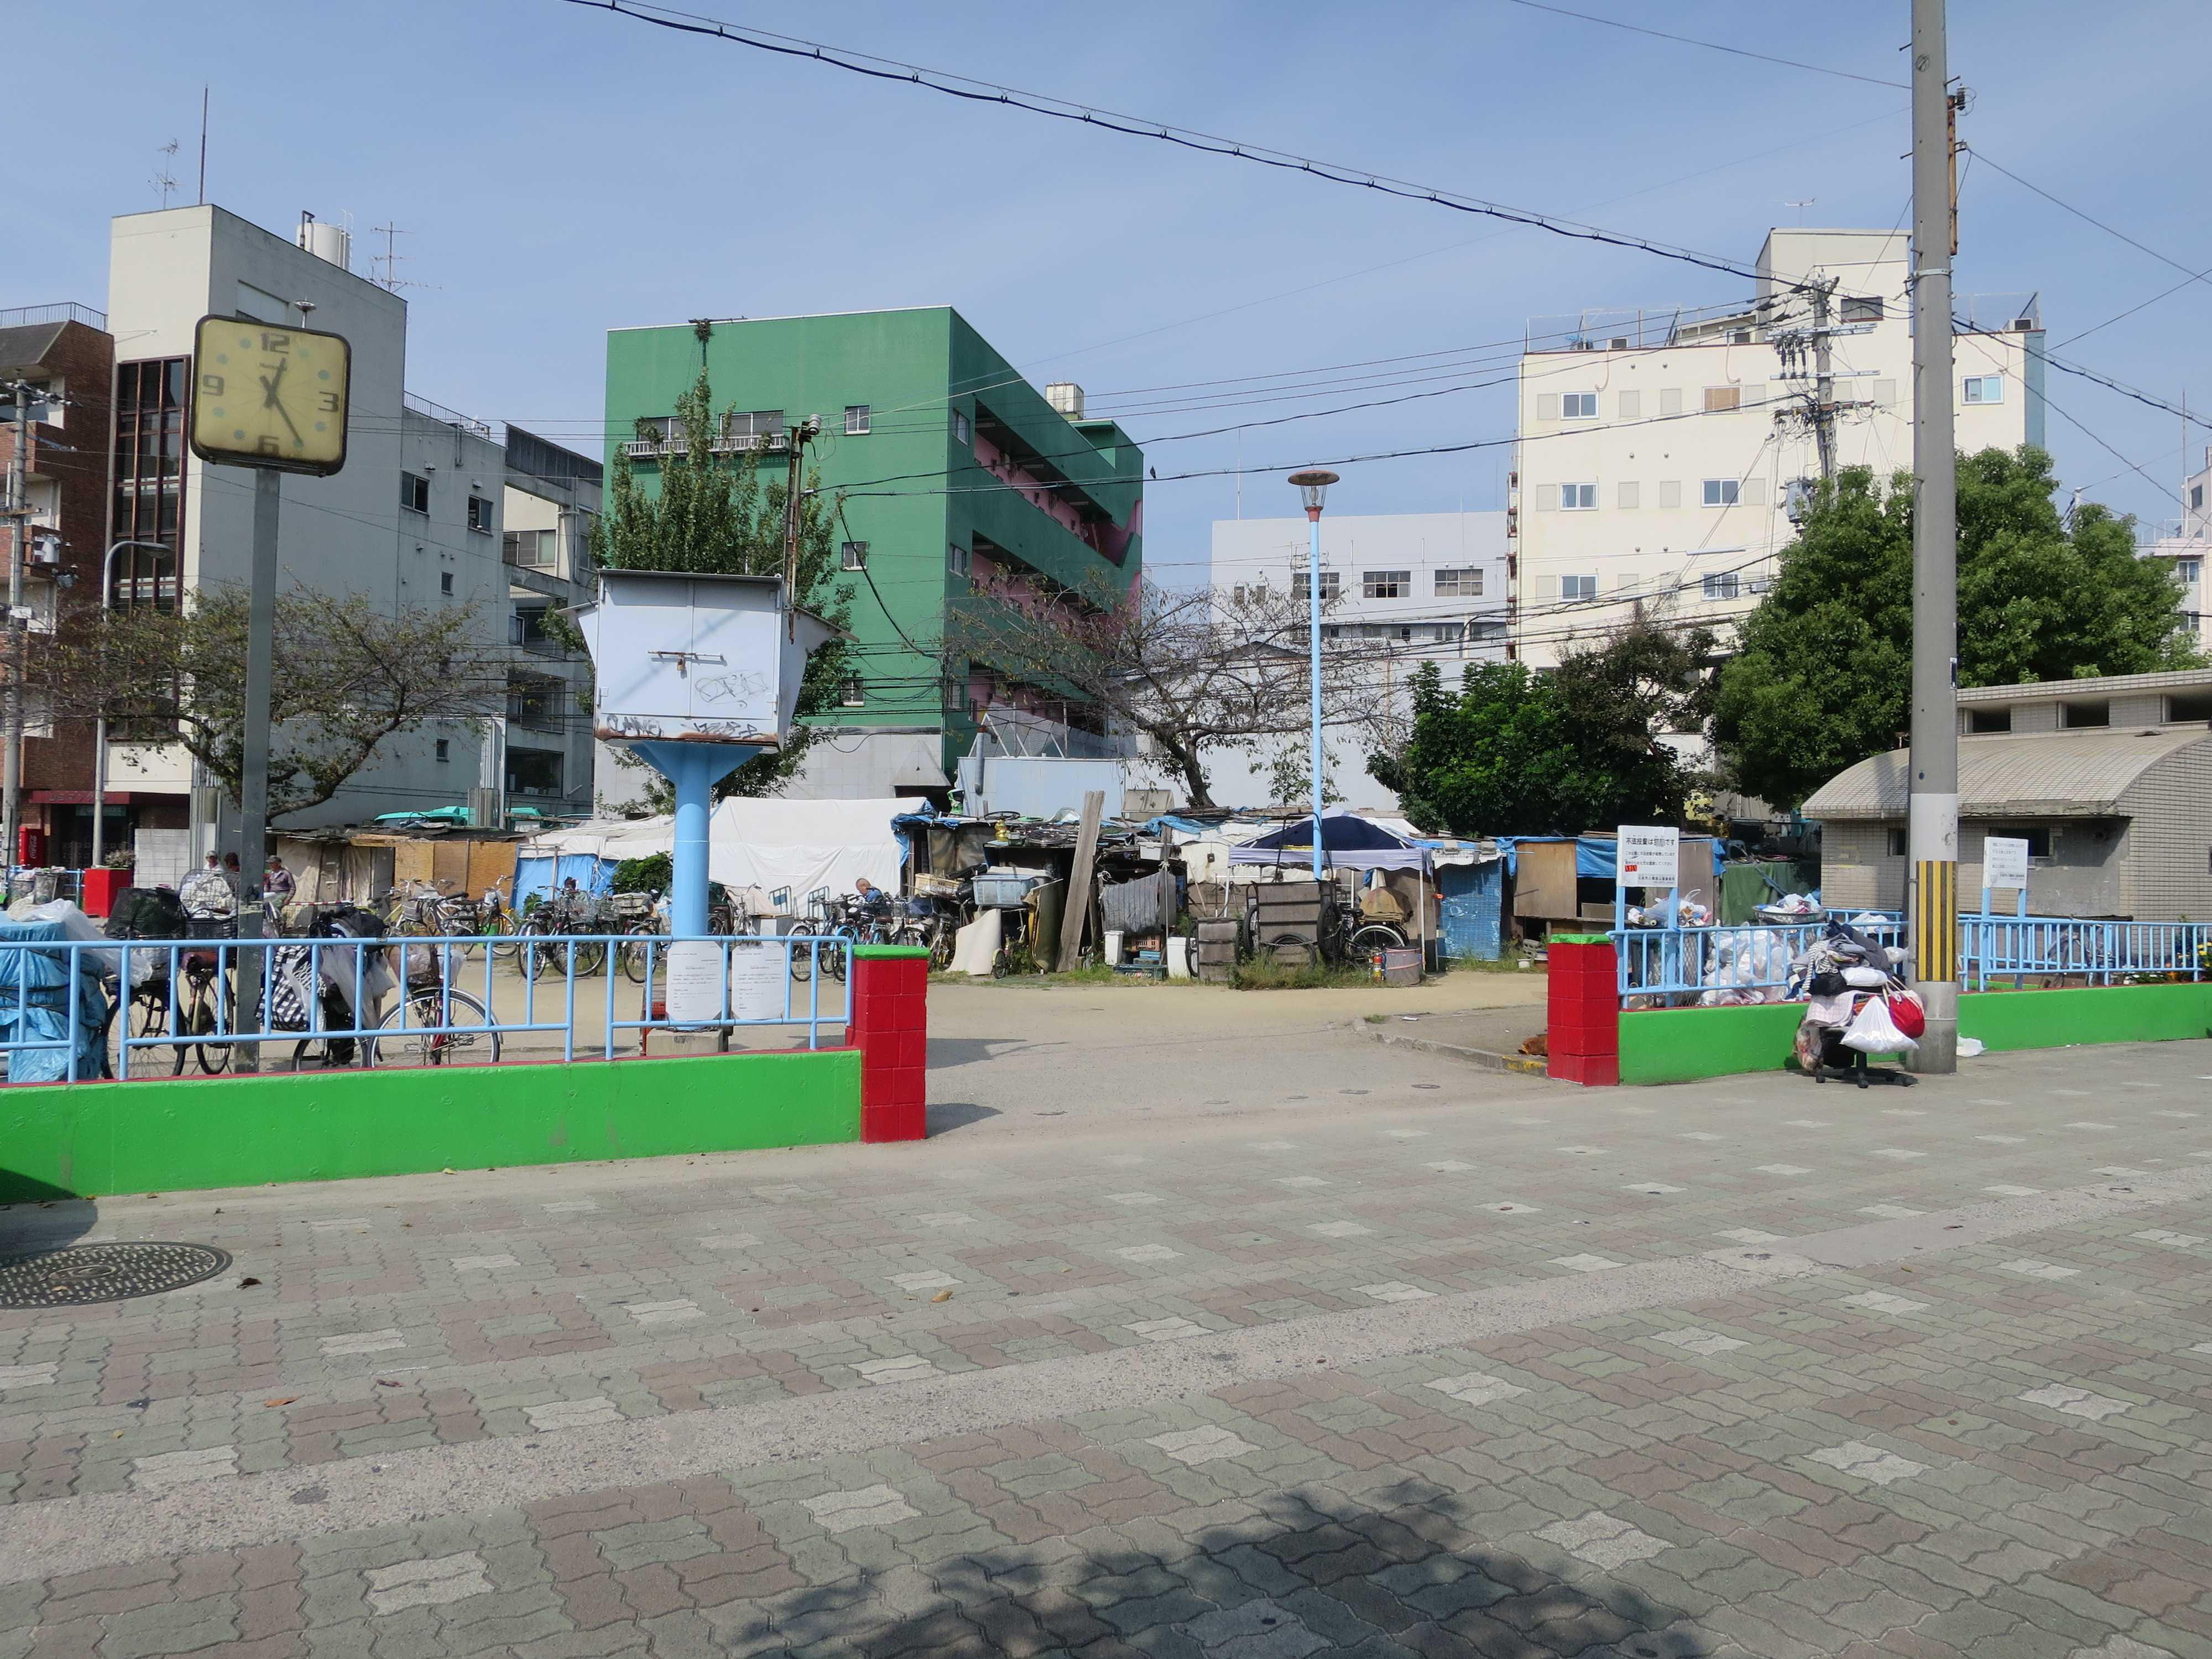 あいりん地区 三角公園(萩之茶屋南公園)